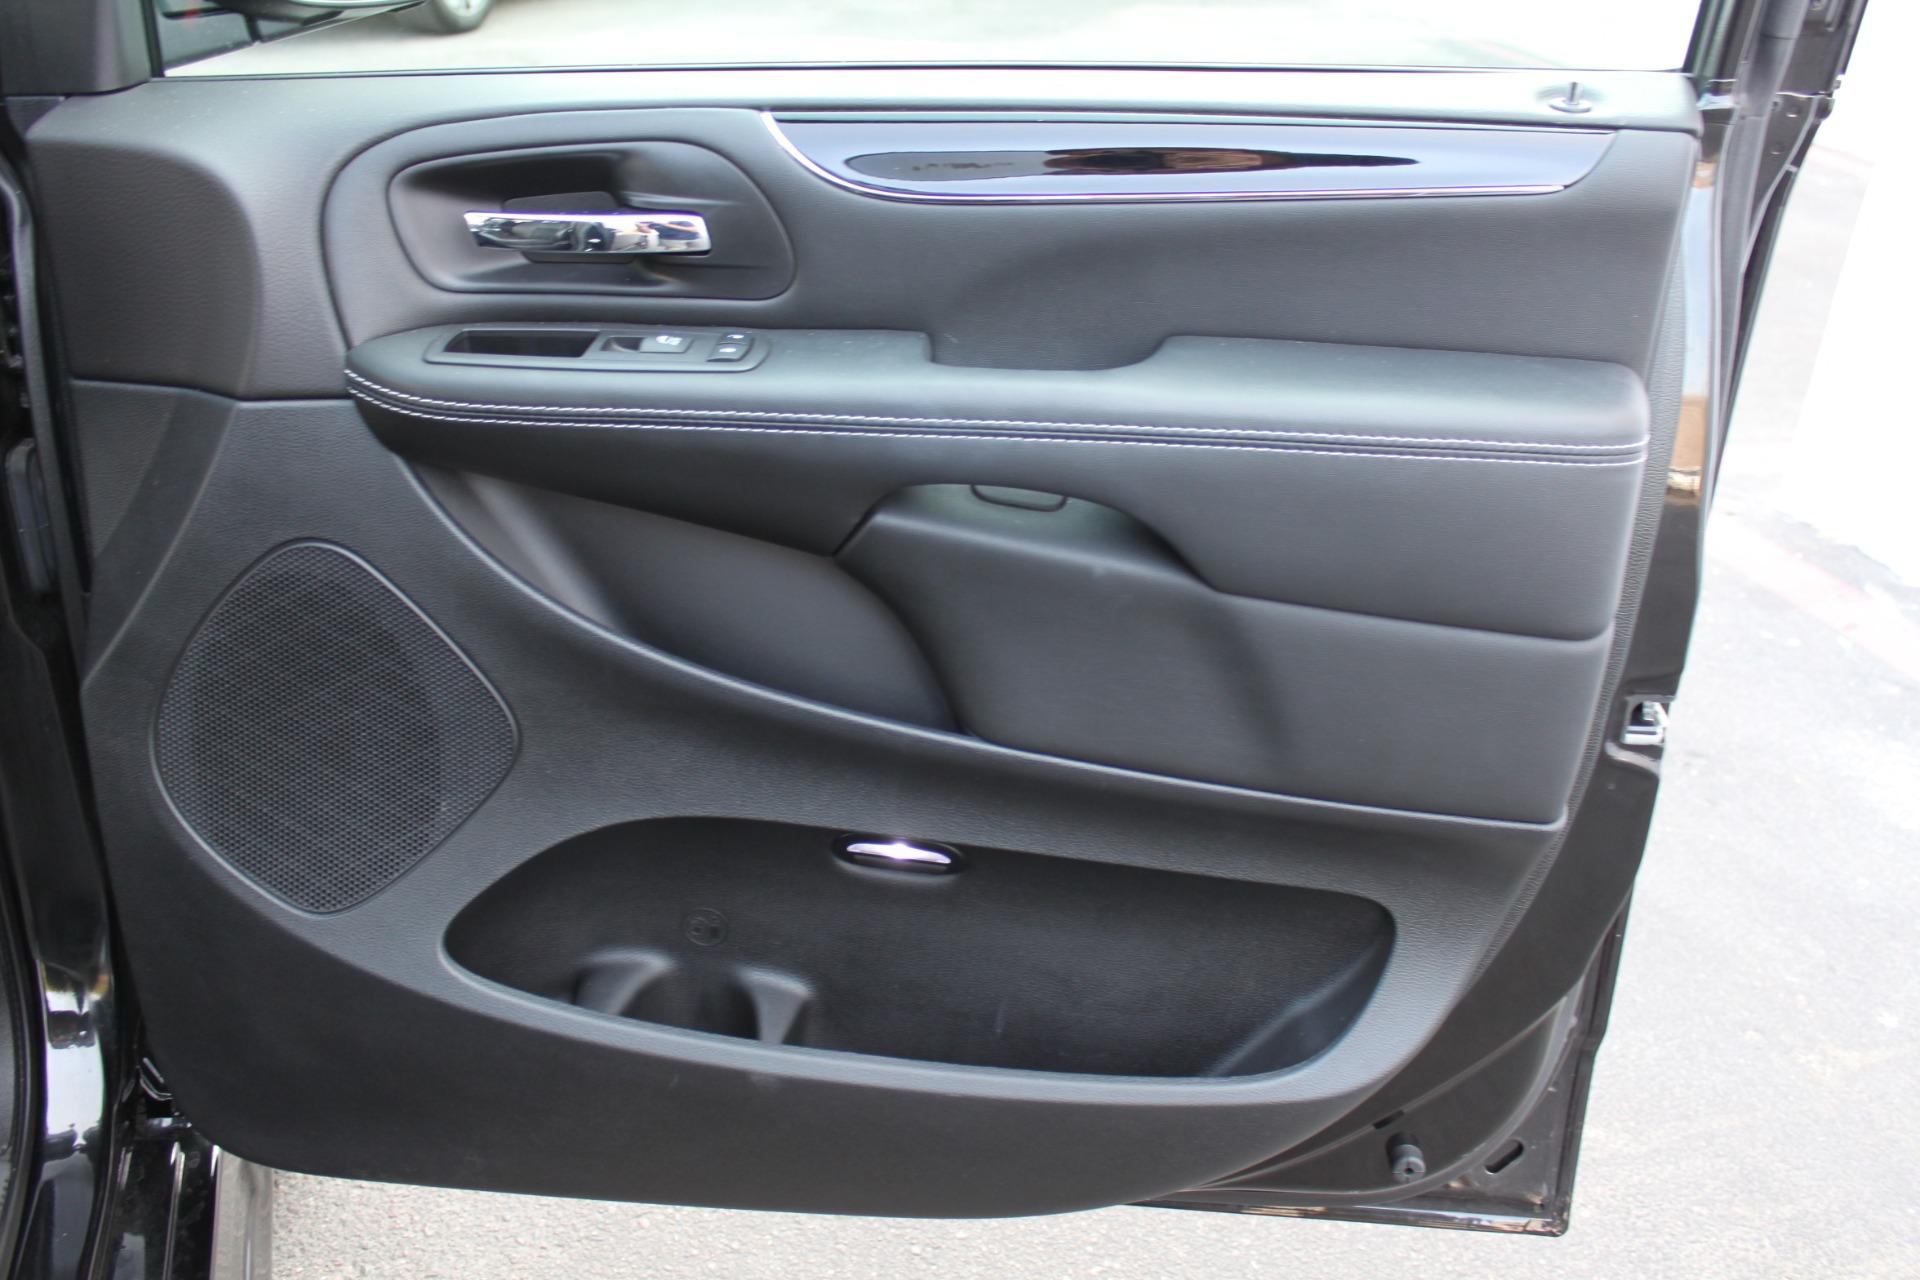 Used-2018-Dodge-Grand-Caravan-SXT-Rollx-Mobility-Conversion-vintage